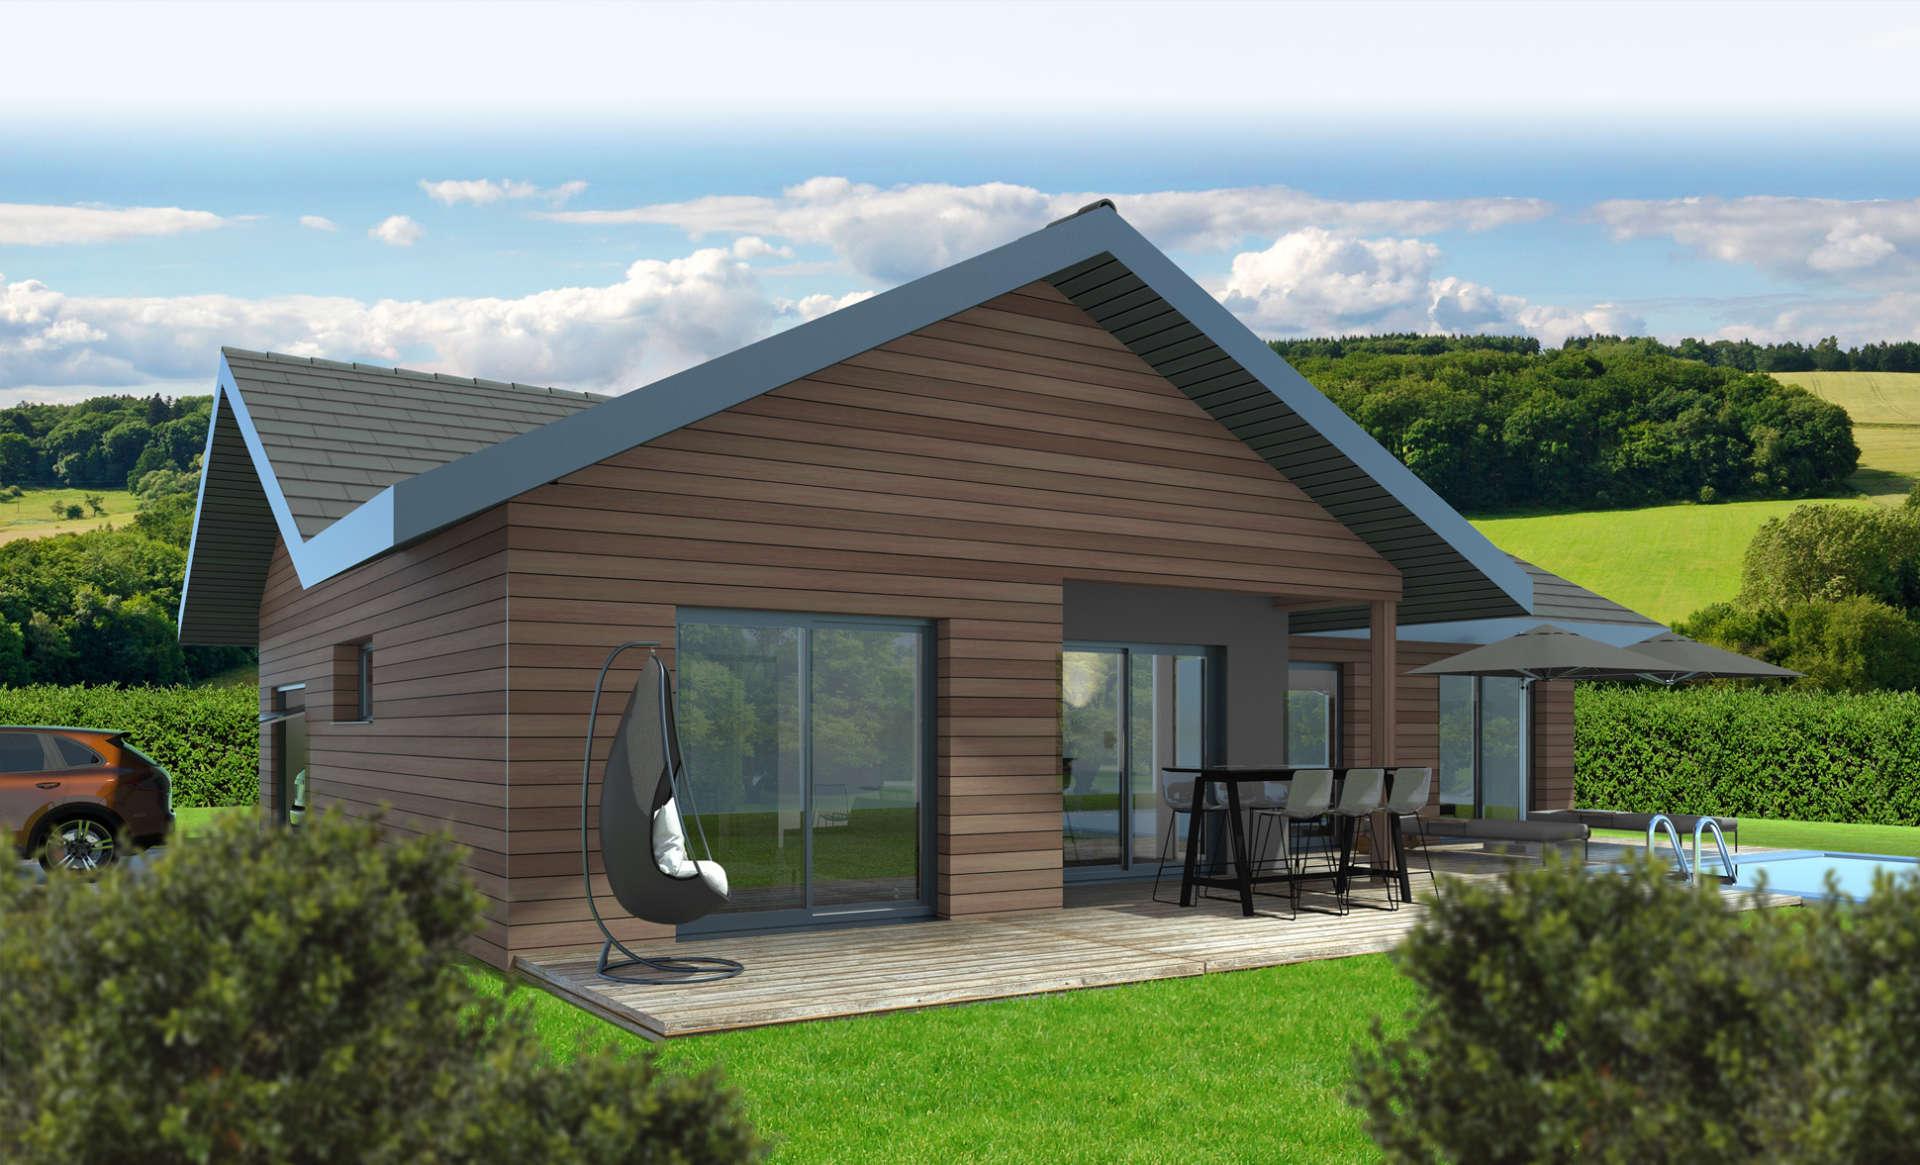 Maison En Bois Annecy constructeur de maison en bois haute-savoie, savoie maisons